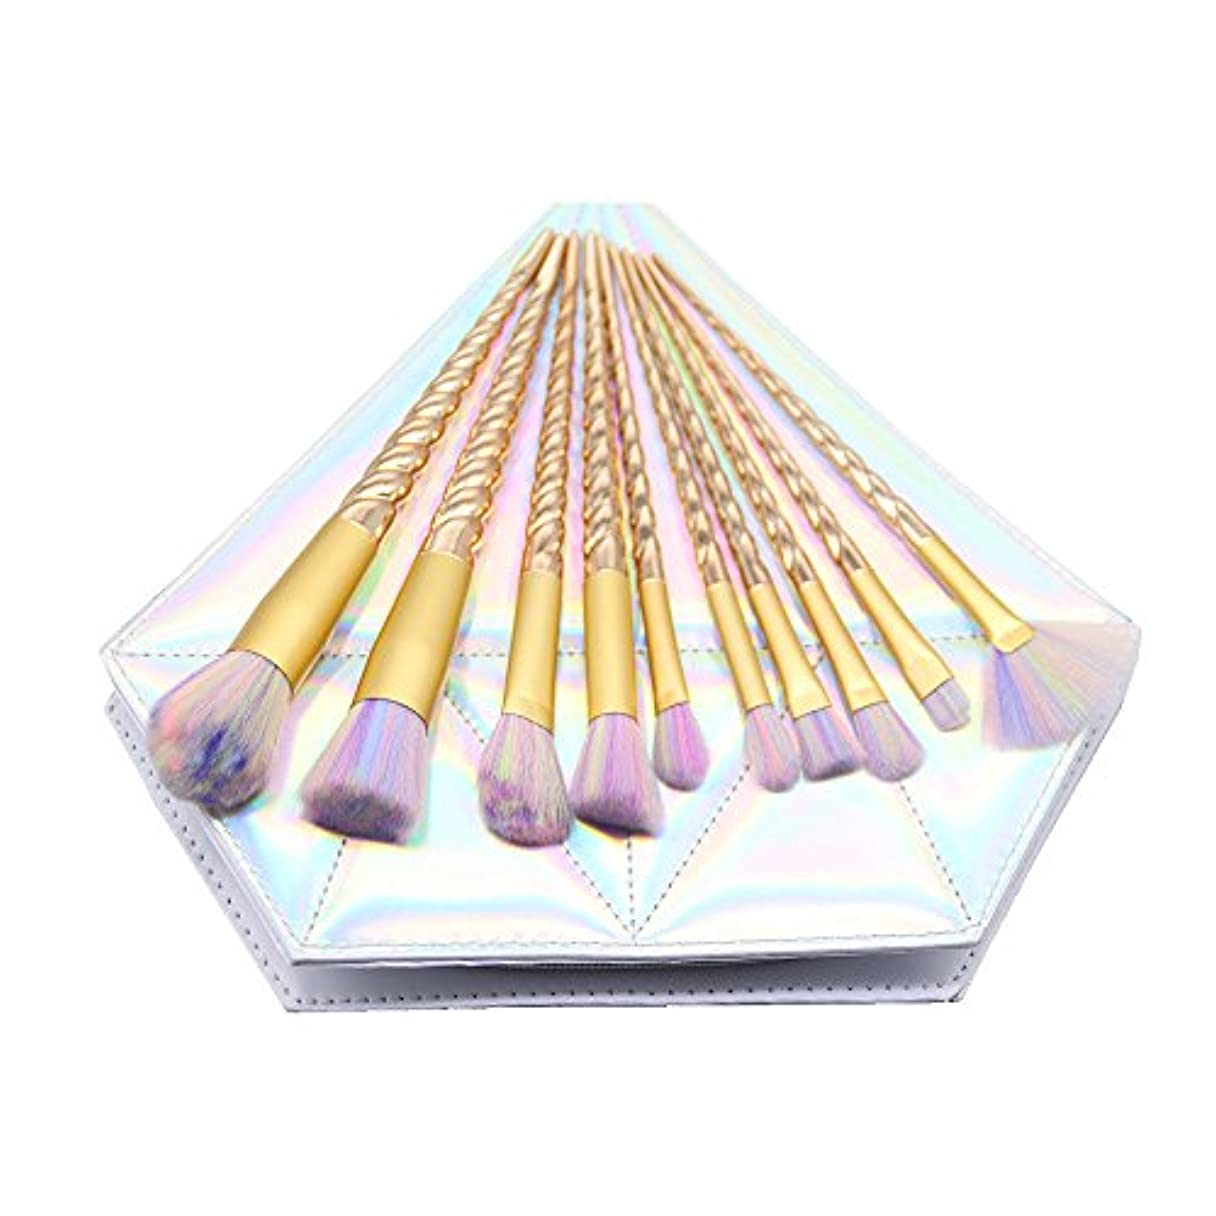 すなわちイデオロギー番号Dilla Beauty メイクブラシセット 10本セット ユニコーンデザイン プラスチックハンドル 合成毛 ファンデーションブラシ アイシャドーブラッシャー 美容ツール 化粧品のバッグ付き